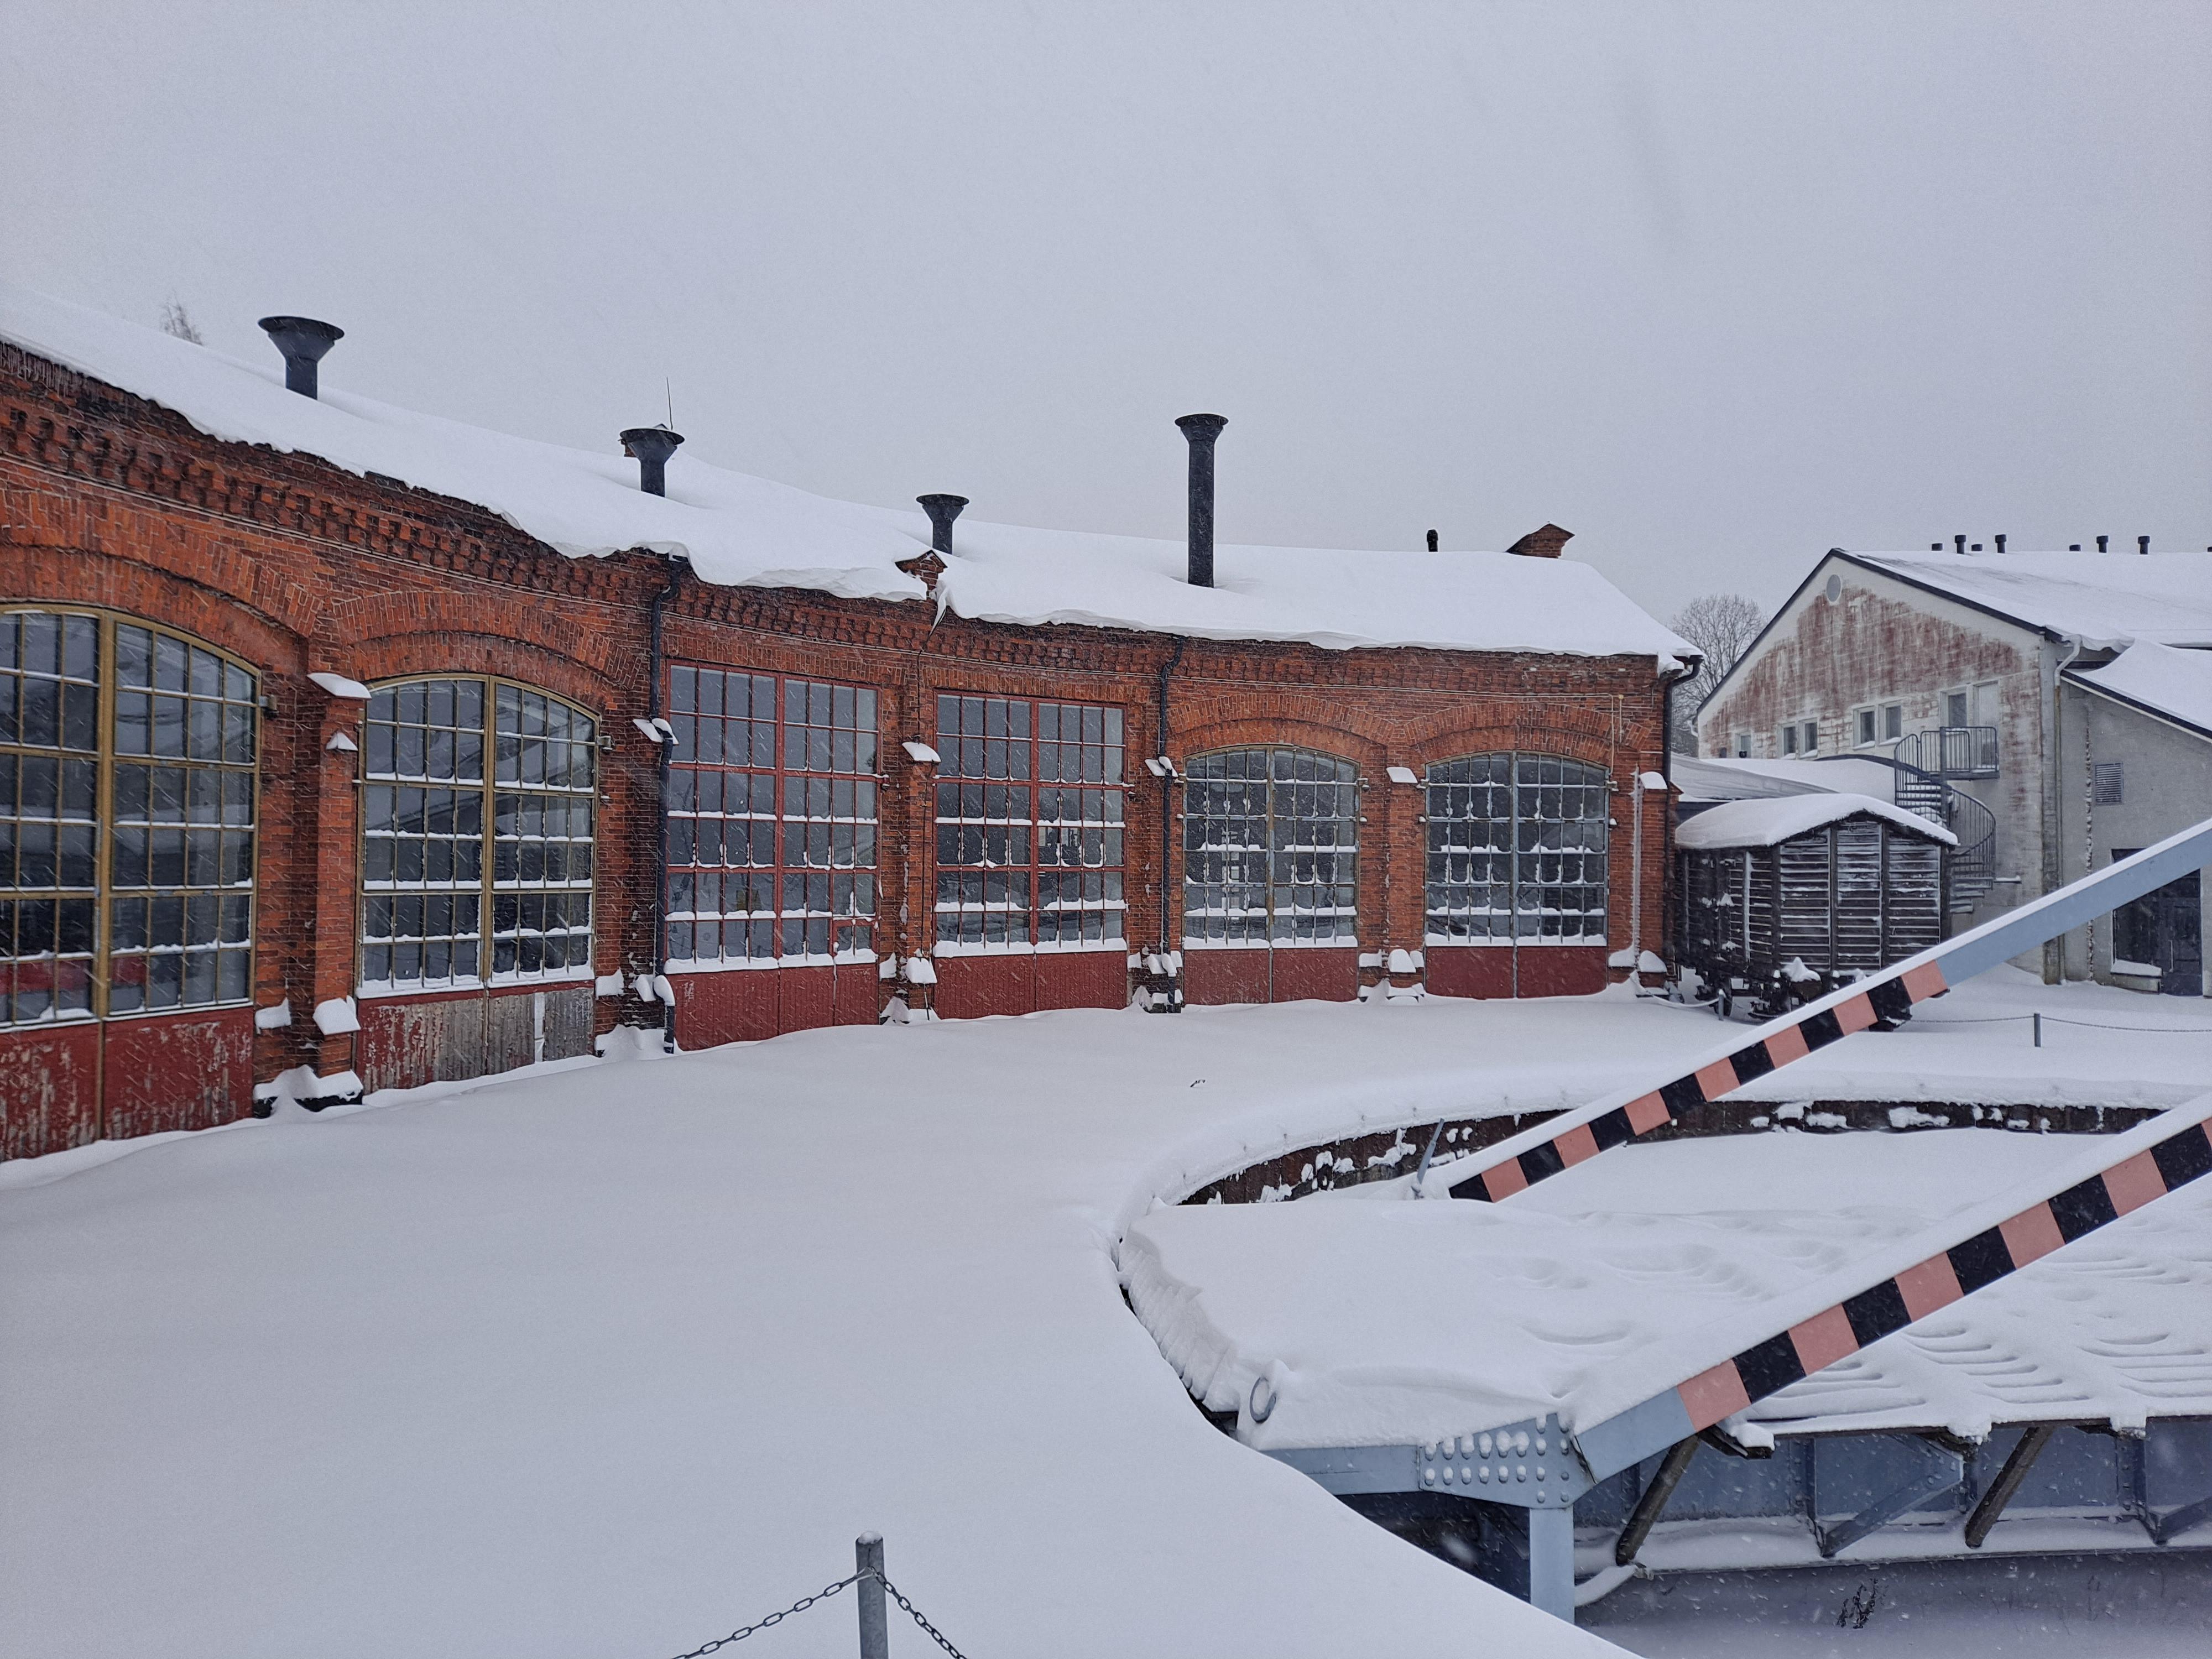 Rautatiemuseon veturitalli ja kääntöpöytä lumisena talvipäivänä.